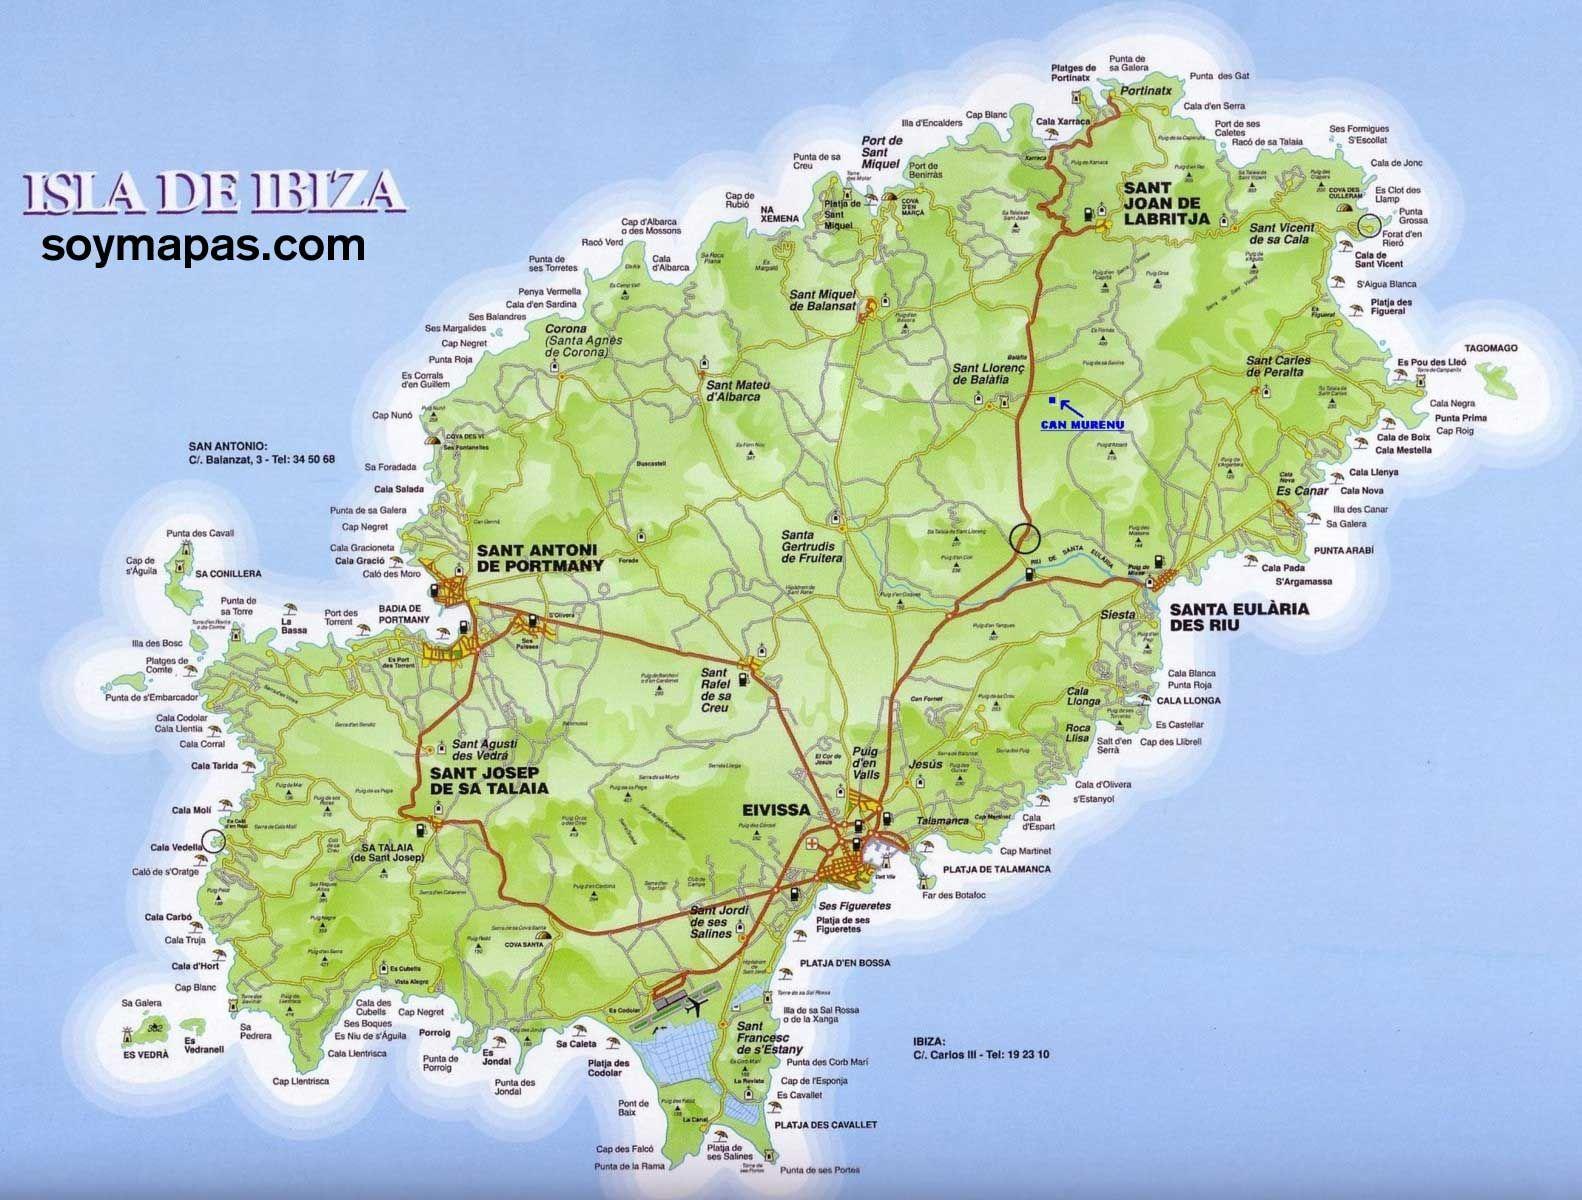 Mapa De Ibiza Calas.Mapa De Todas Las Calas De Ibiza Buscar Con Google Ibiza Isla Mapa De Ibiza Ibiza